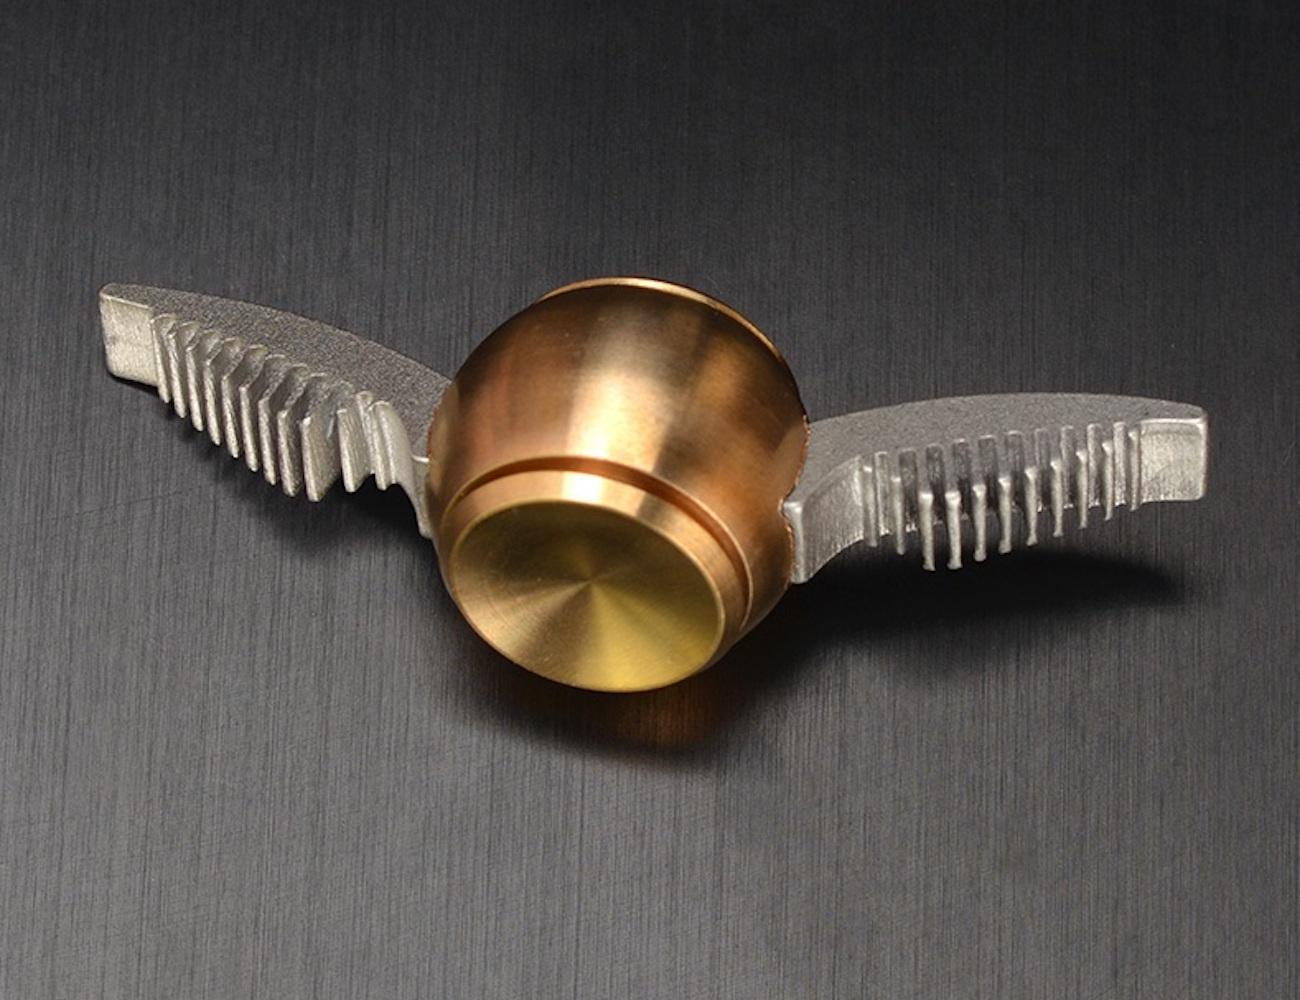 Golden Snitch Fidget Spinner